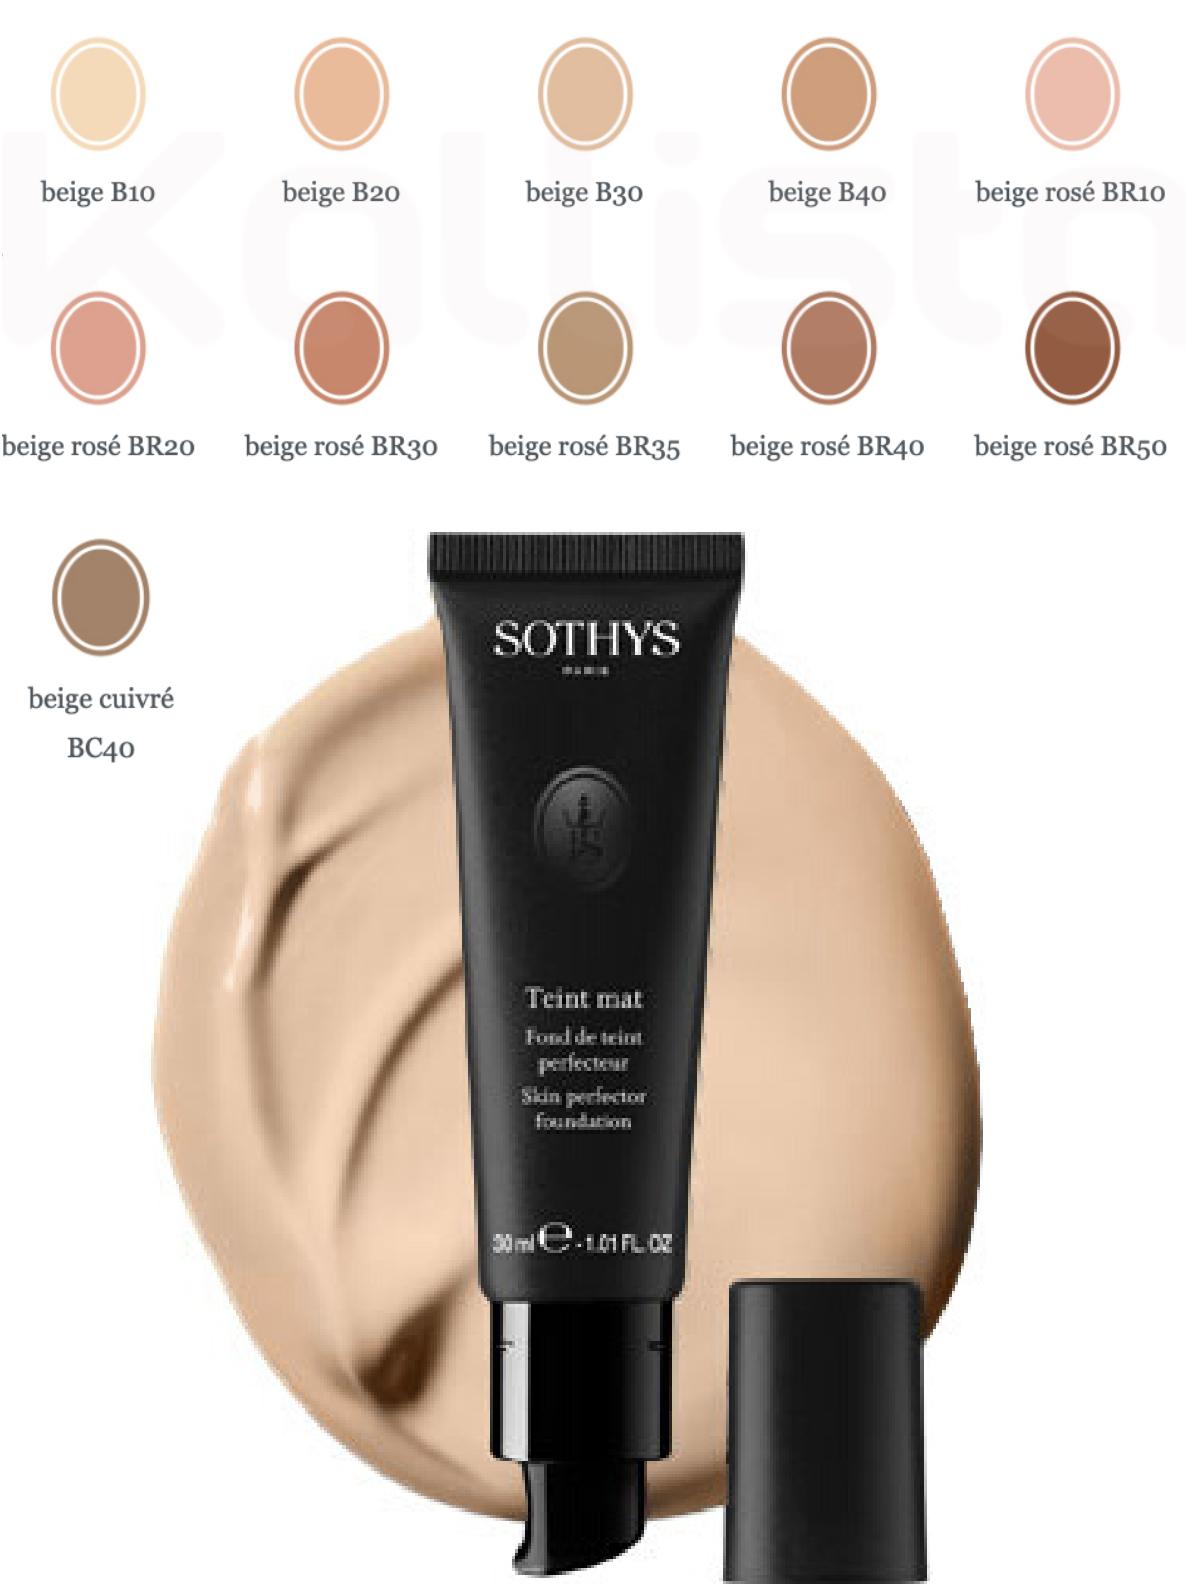 Sothys teint Mat : Fond de teint 100% matifiant